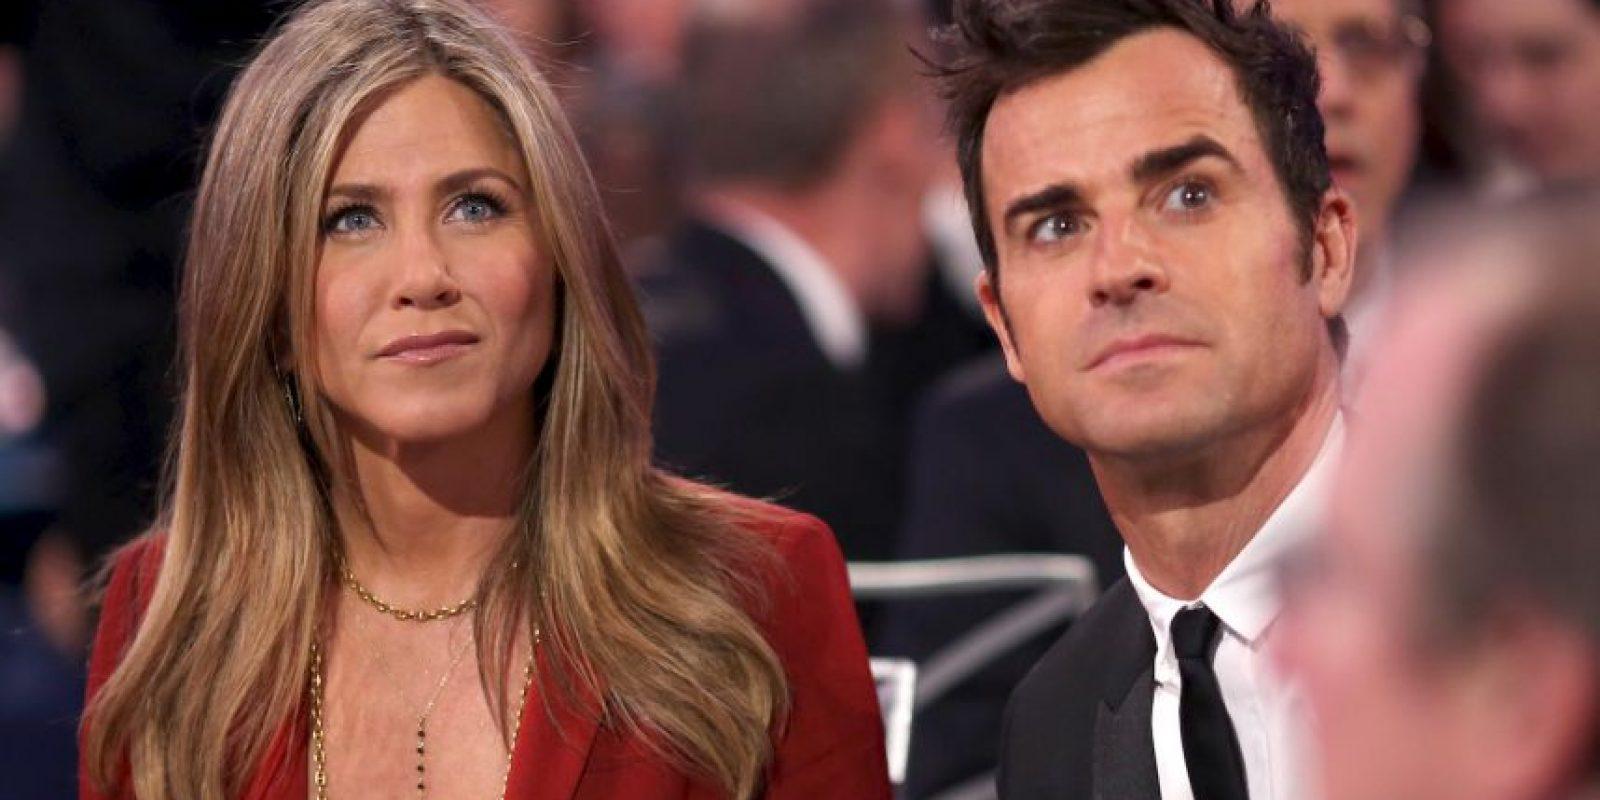 El pasado 5 de agosto Jennifer Aniston y Justin Theroux protagonizaron una boda secreta. Foto:Getty Images